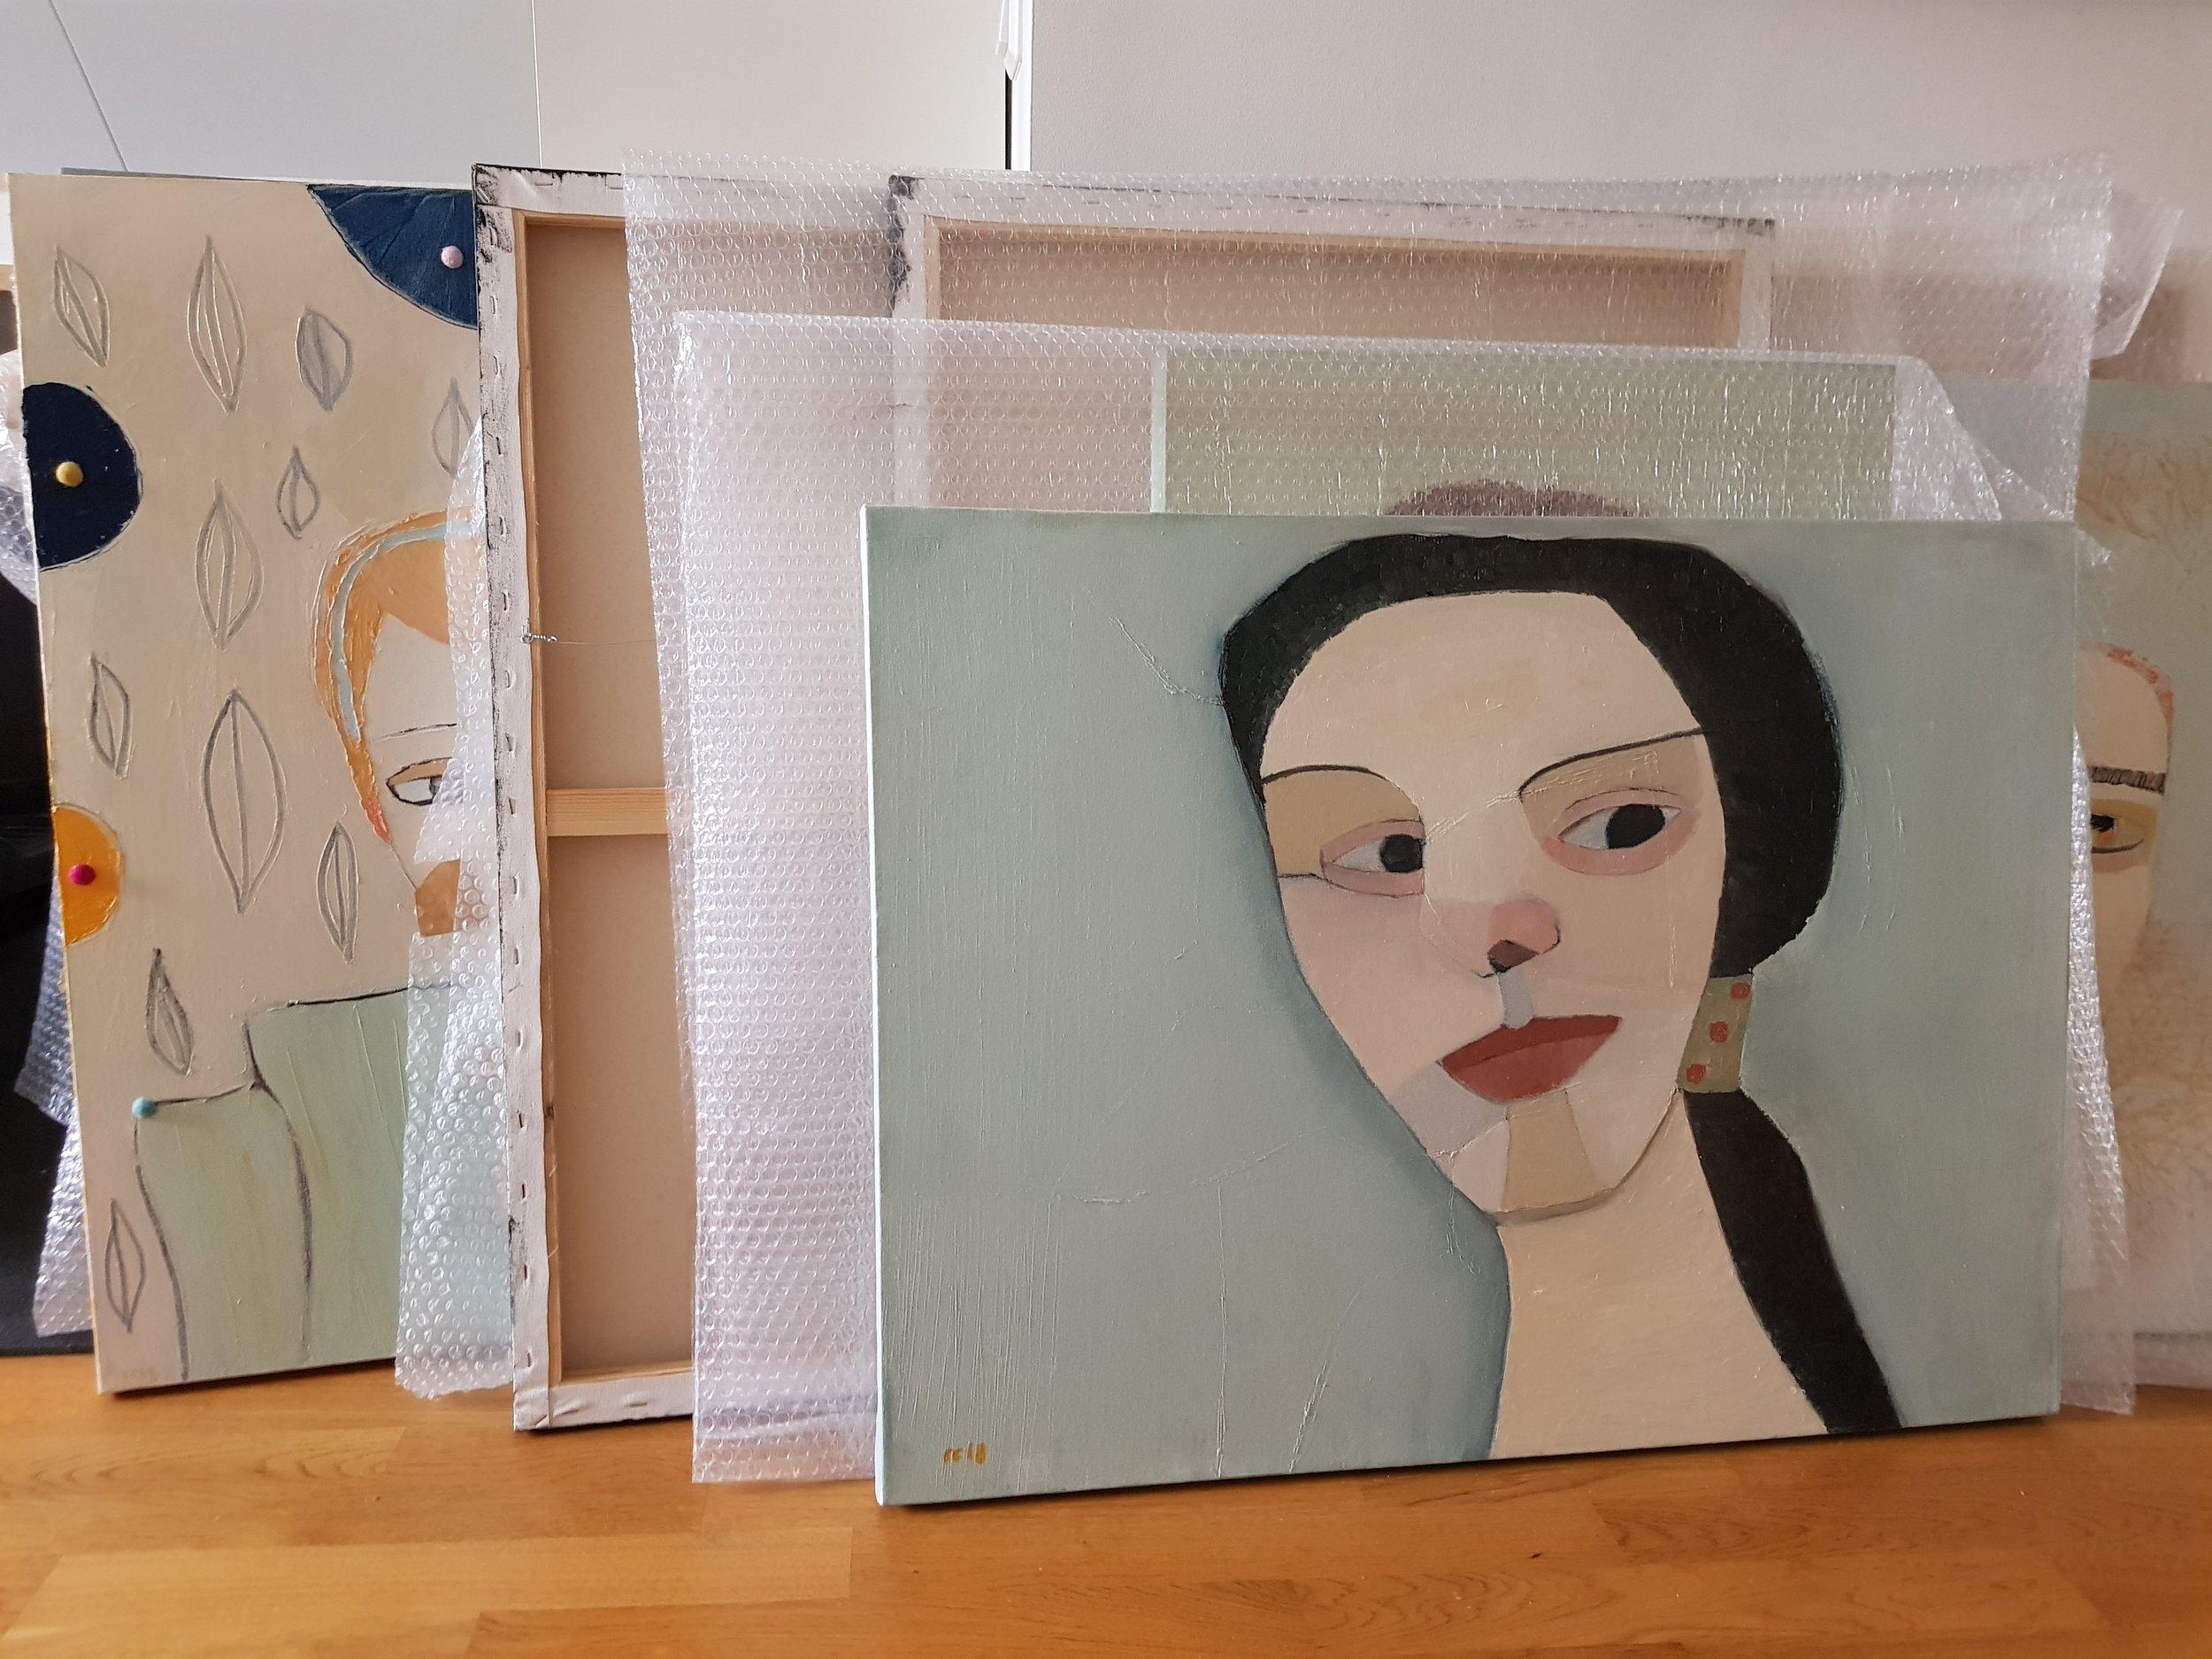 Börjar välja ut tavlor, ordnar hänganordning osv inför utställningen på Museet Kvarnen. Främst en ödmjuk hommage till Paul Modersohn Becker, 60 x 80 cm i olja.